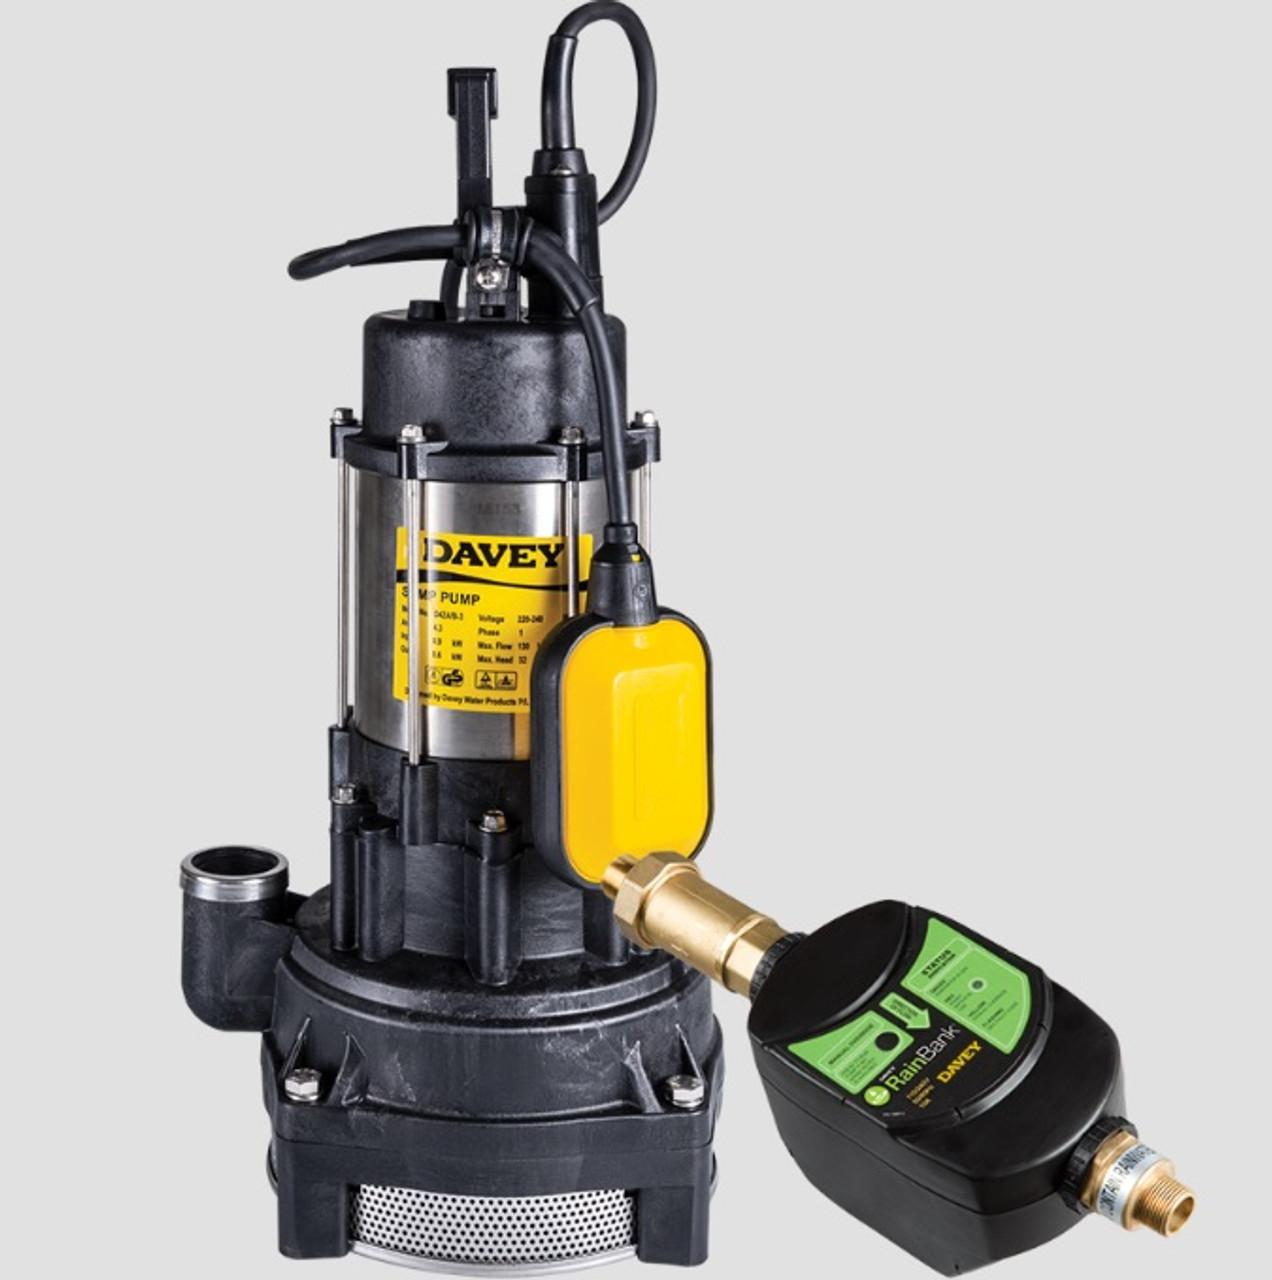 Davey KRBS1 Rainbank pump